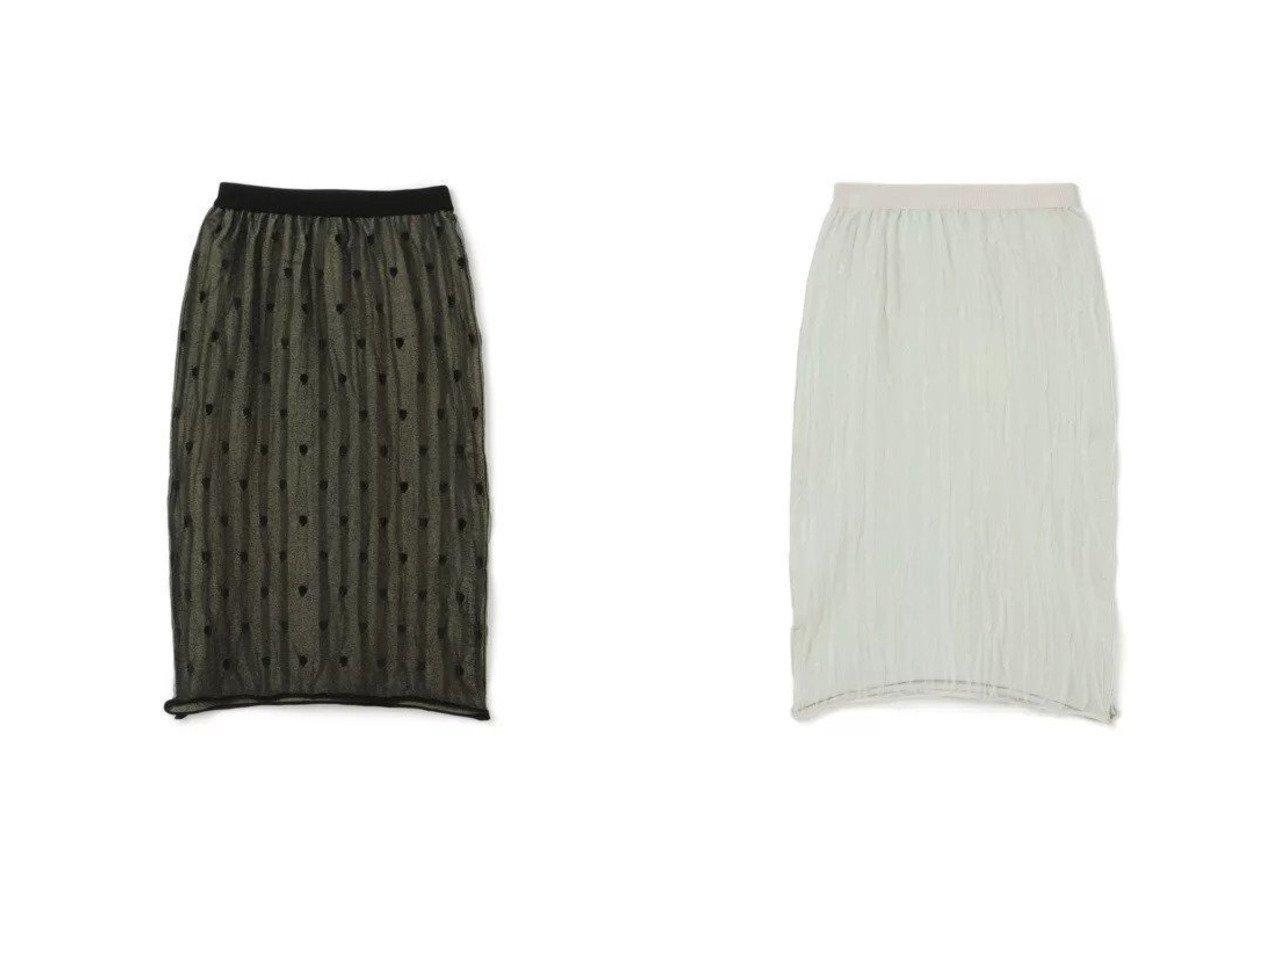 【beautiful people/ビューティフル ピープル】のcomma dotted two layer skirt スカートのおすすめ!人気、トレンド・レディースファッションの通販 おすすめで人気の流行・トレンド、ファッションの通販商品 メンズファッション・キッズファッション・インテリア・家具・レディースファッション・服の通販 founy(ファニー) https://founy.com/ ファッション Fashion レディースファッション WOMEN スカート Skirt 2021年 2021 2021 春夏 S/S SS Spring/Summer 2021 S/S 春夏 SS Spring/Summer チュール ドット マキシ ロング |ID:crp329100000024729